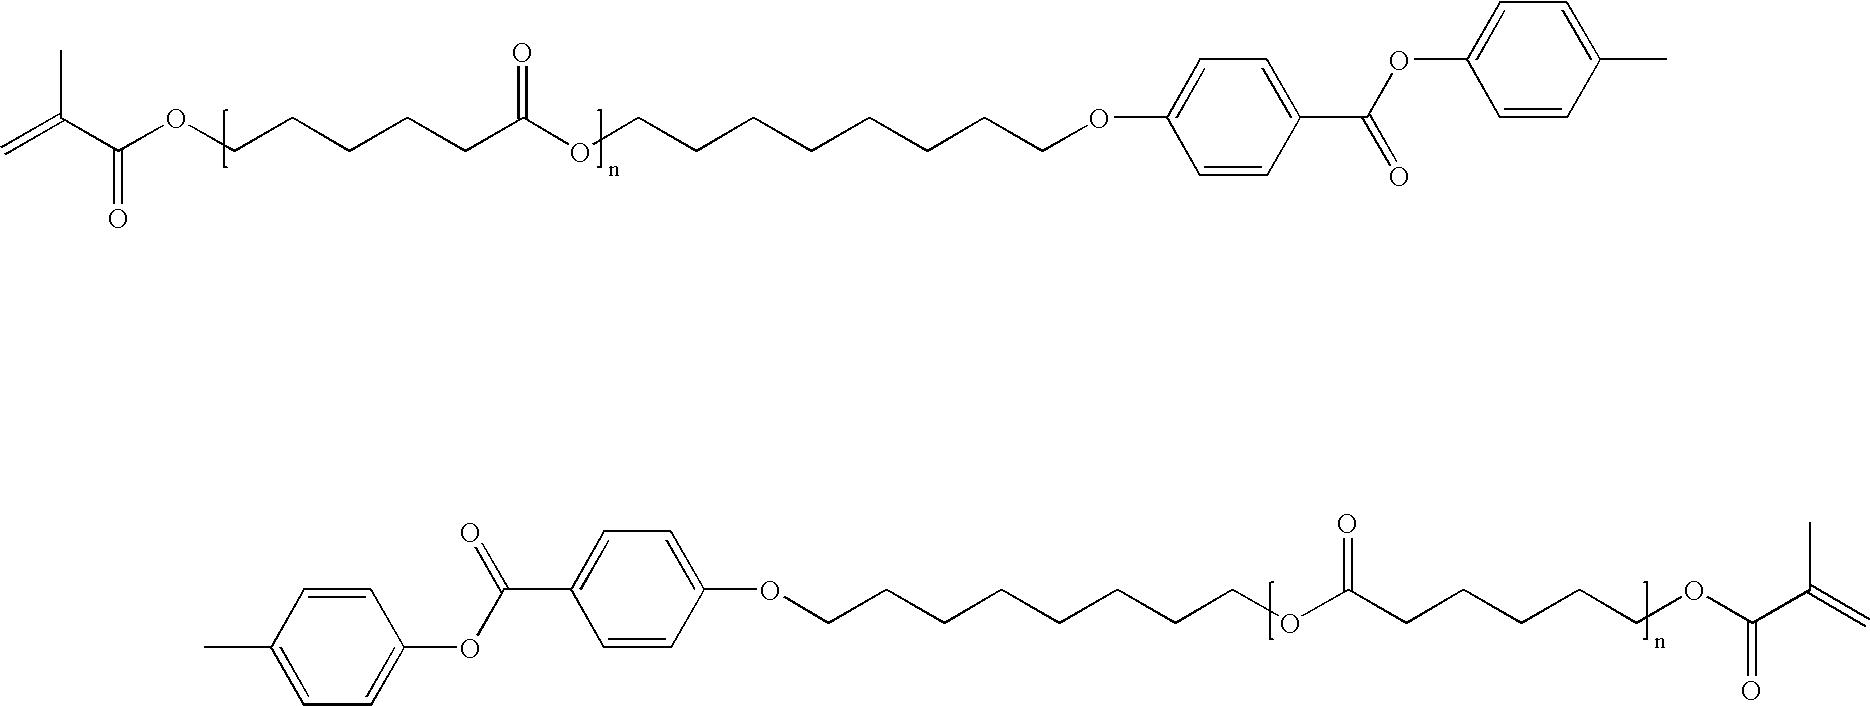 Figure US20100014010A1-20100121-C00099